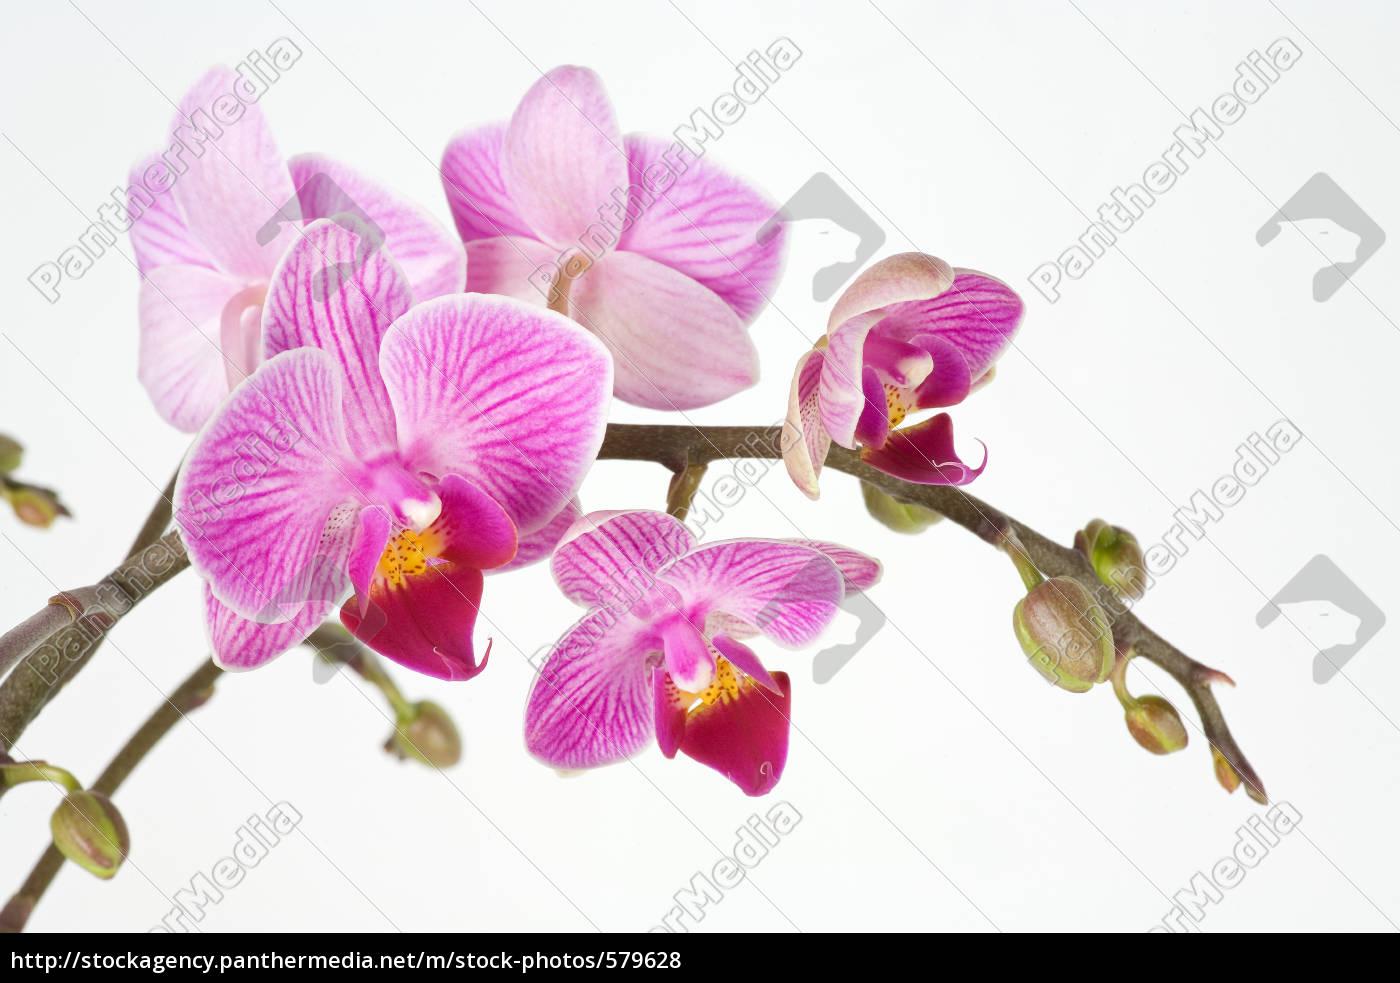 orchidee, vor, weißem, grund - 579628